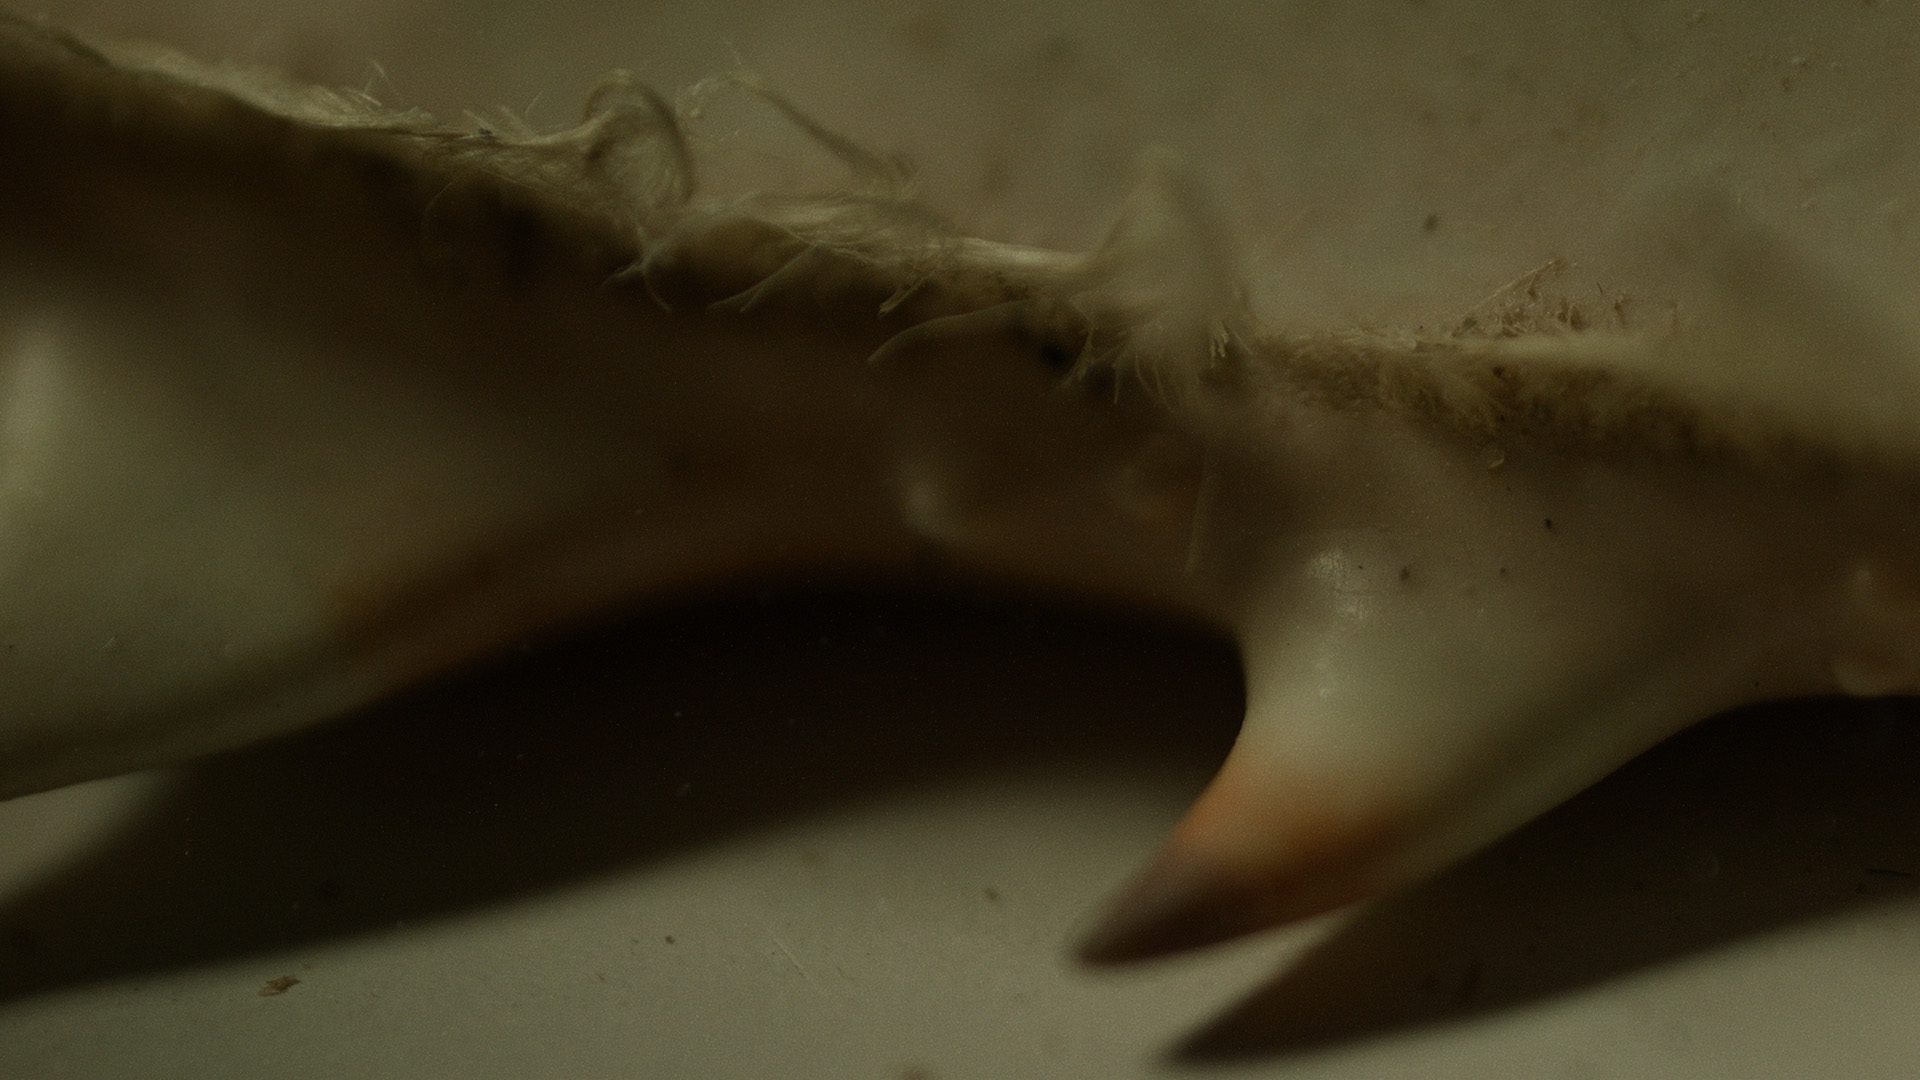 Macro_Crab_Legs_Stills_19.jpg